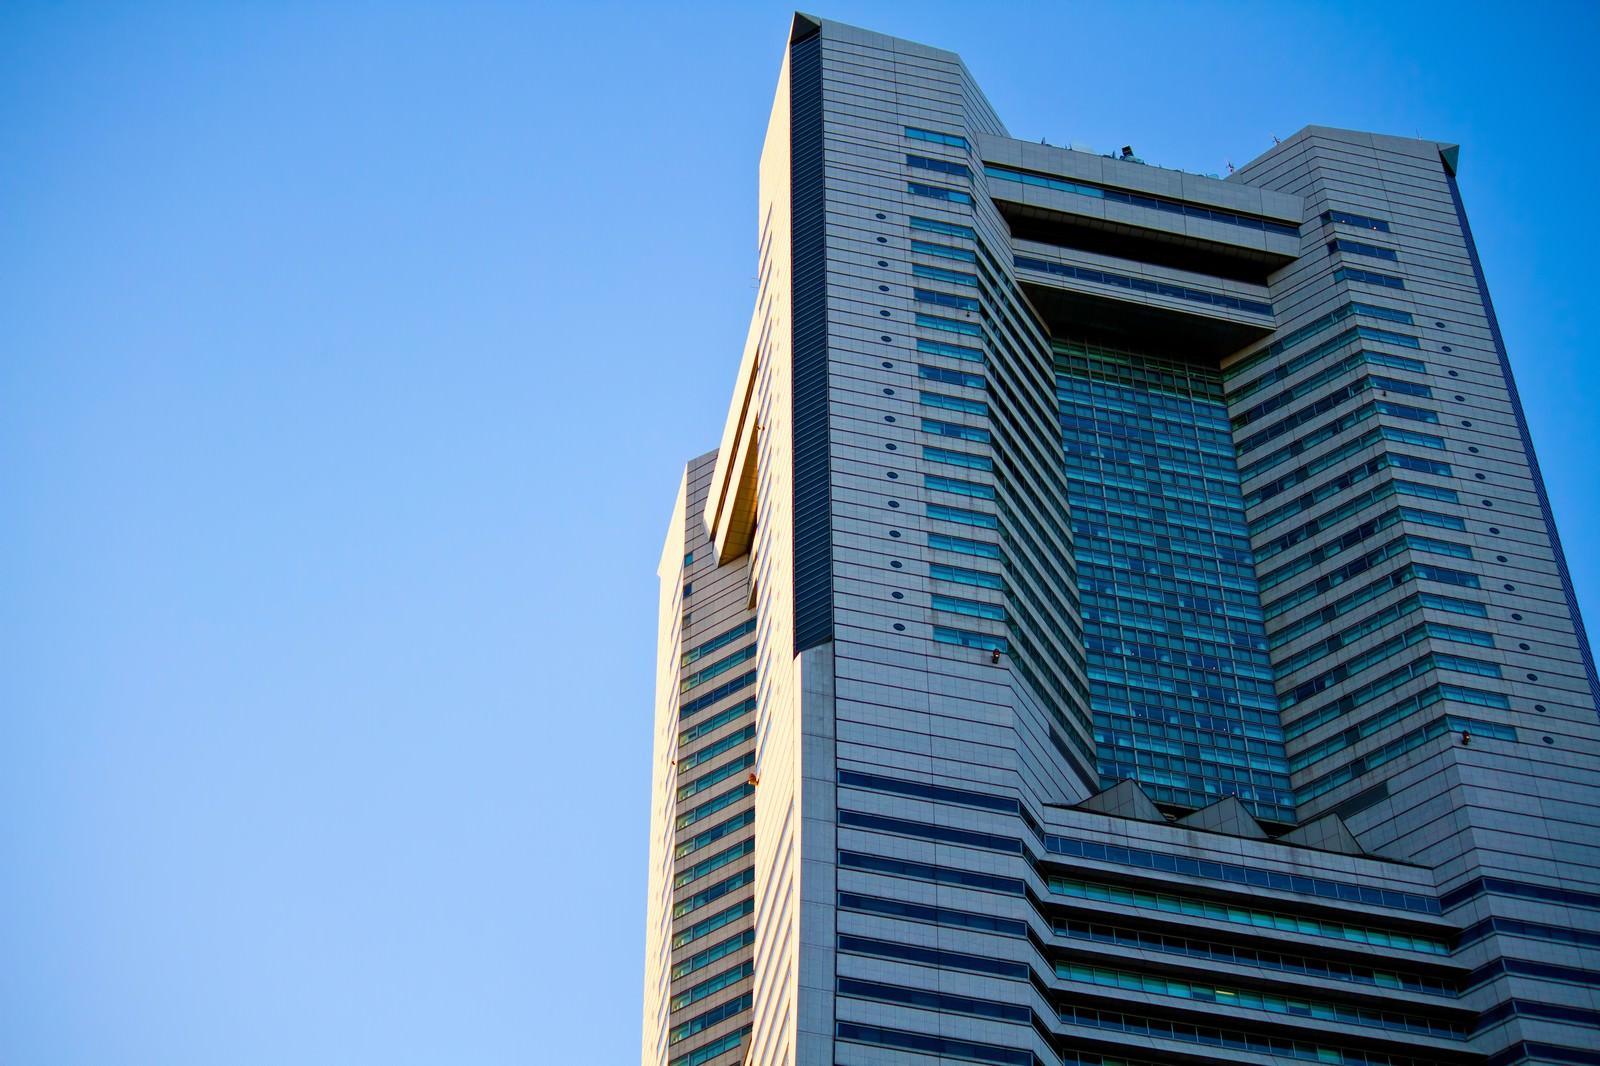 「夕暮れのランドマークタワー」の写真